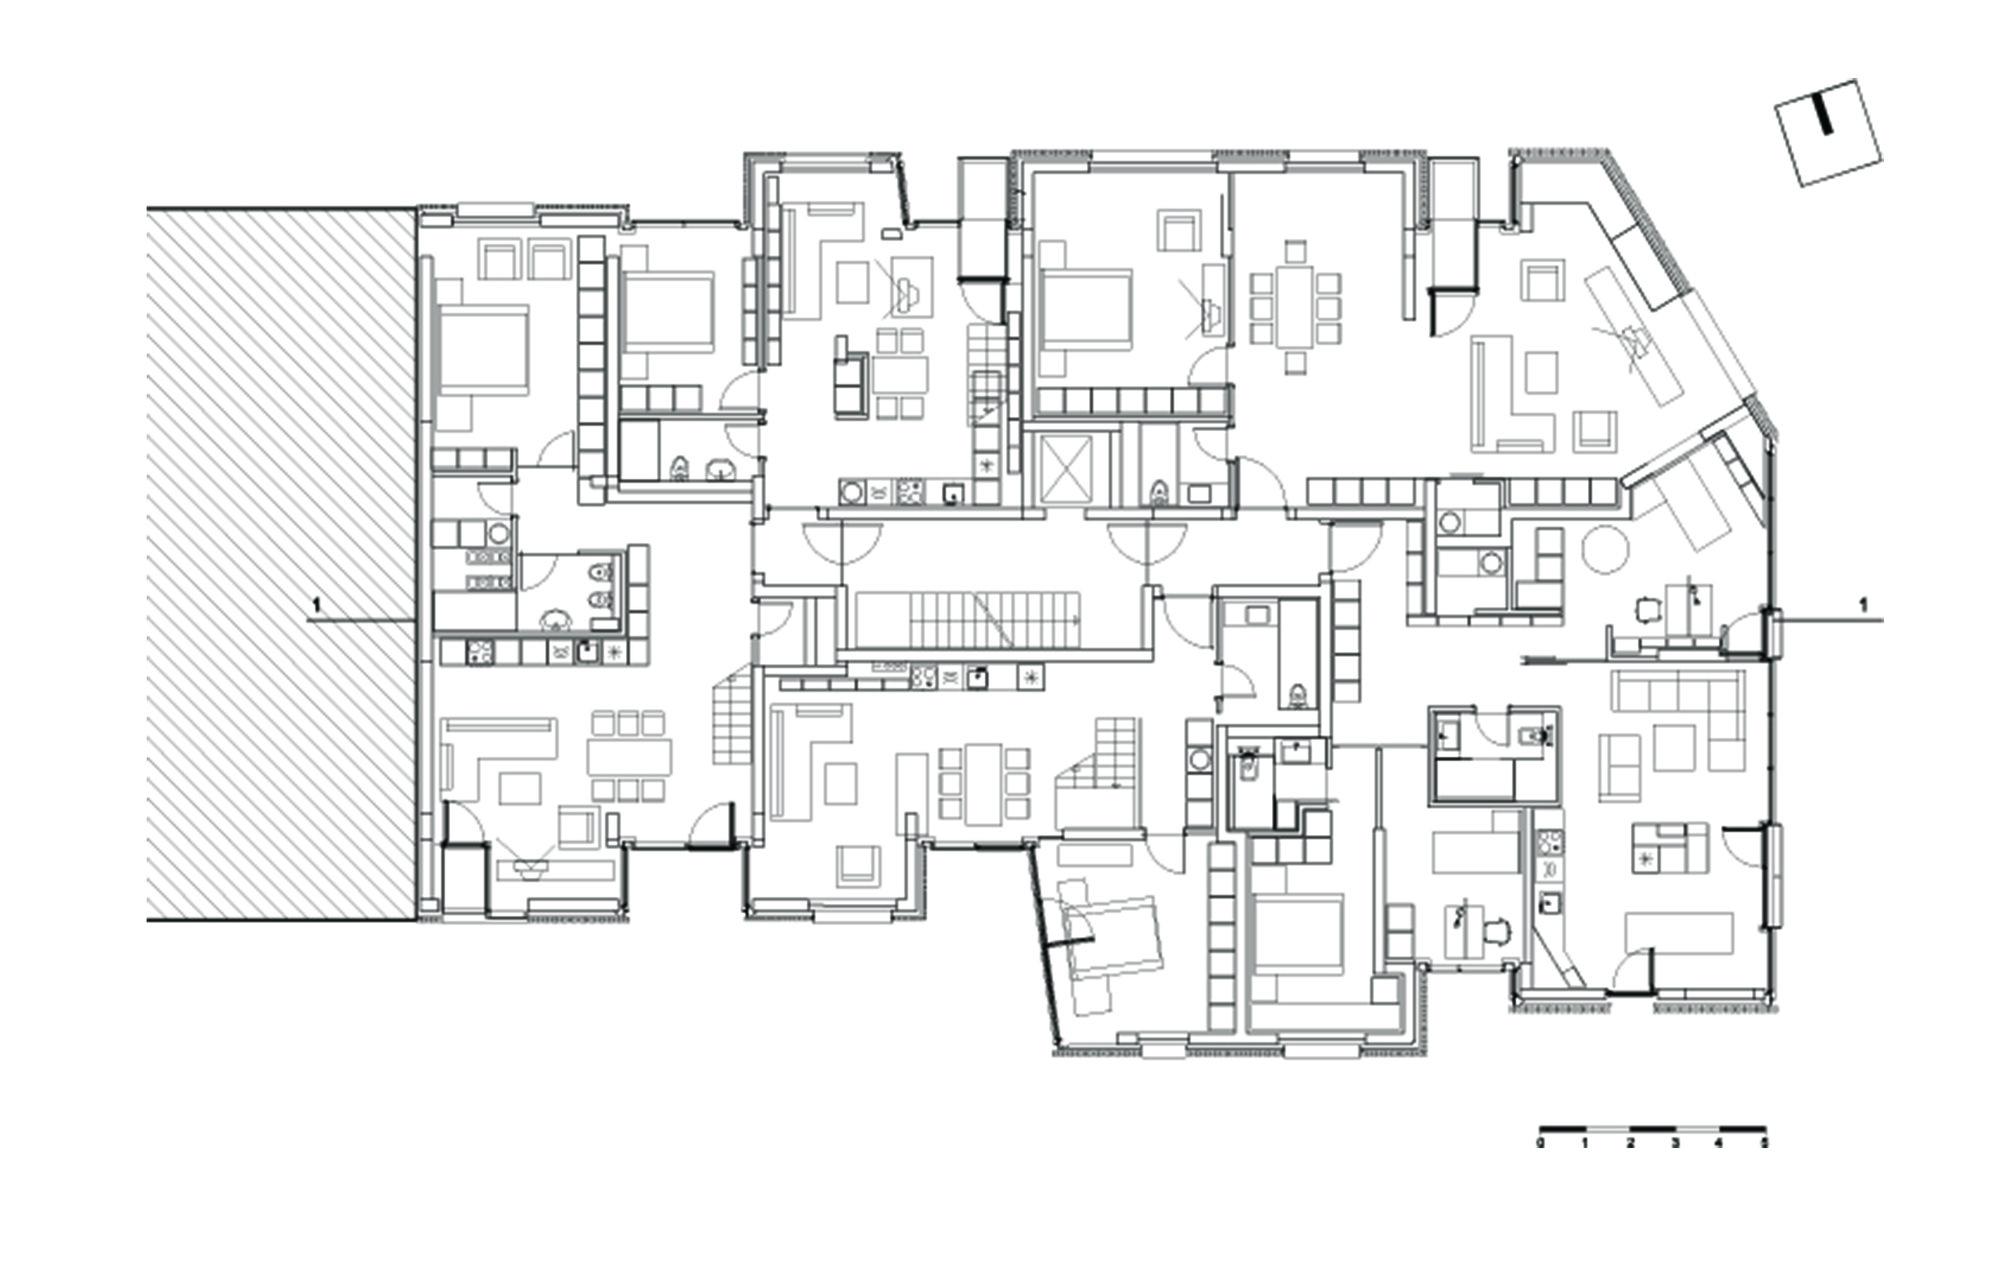 Studio 54 floor plan studio 54 floor plan 28 images studio for 100 floors floor 54